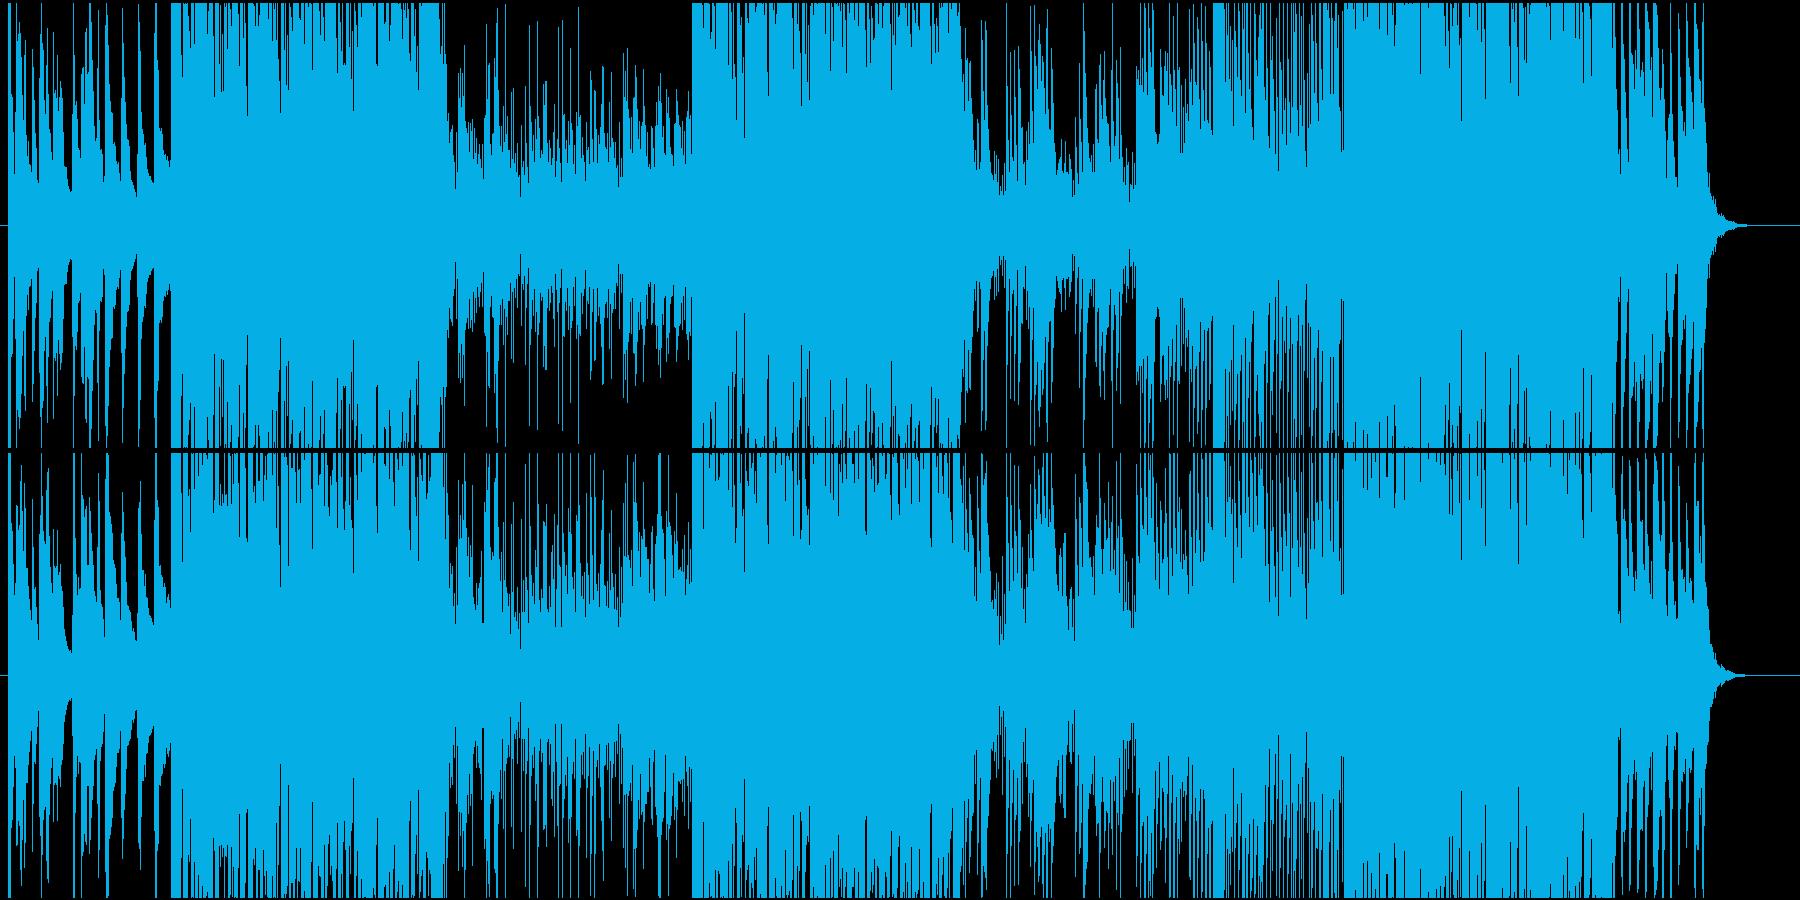 沖縄 エイサー クイチャー ヒーリング系の再生済みの波形